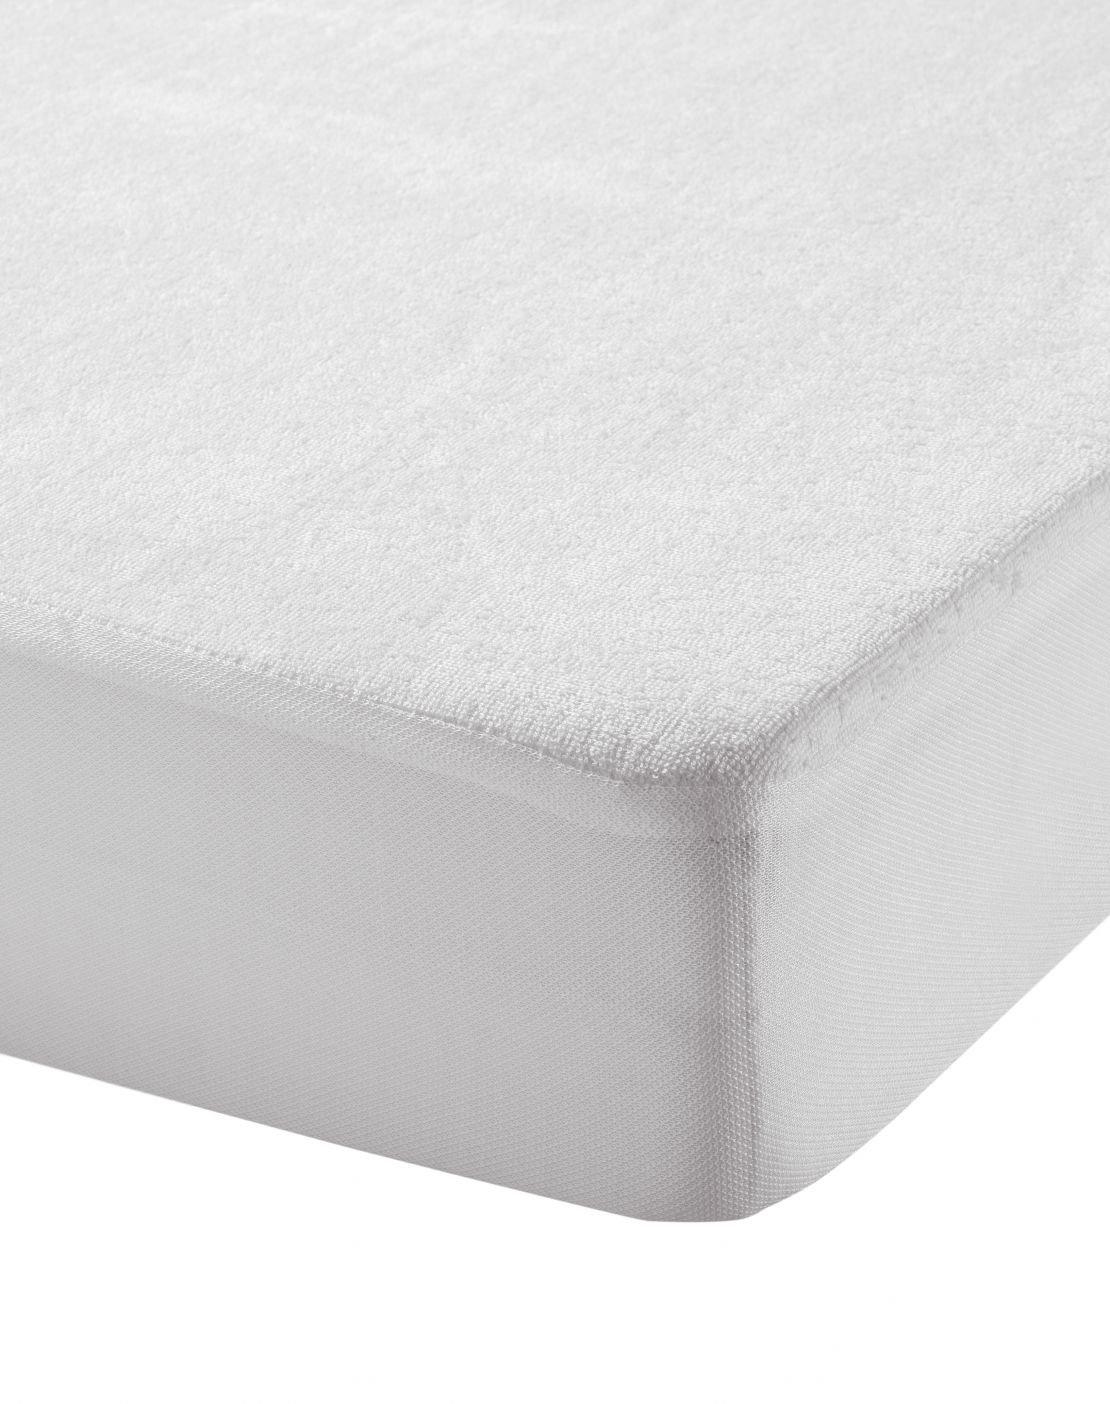 Image of Funda protectora para colchón capazo / minicuna / cuna (desde 12,95€)